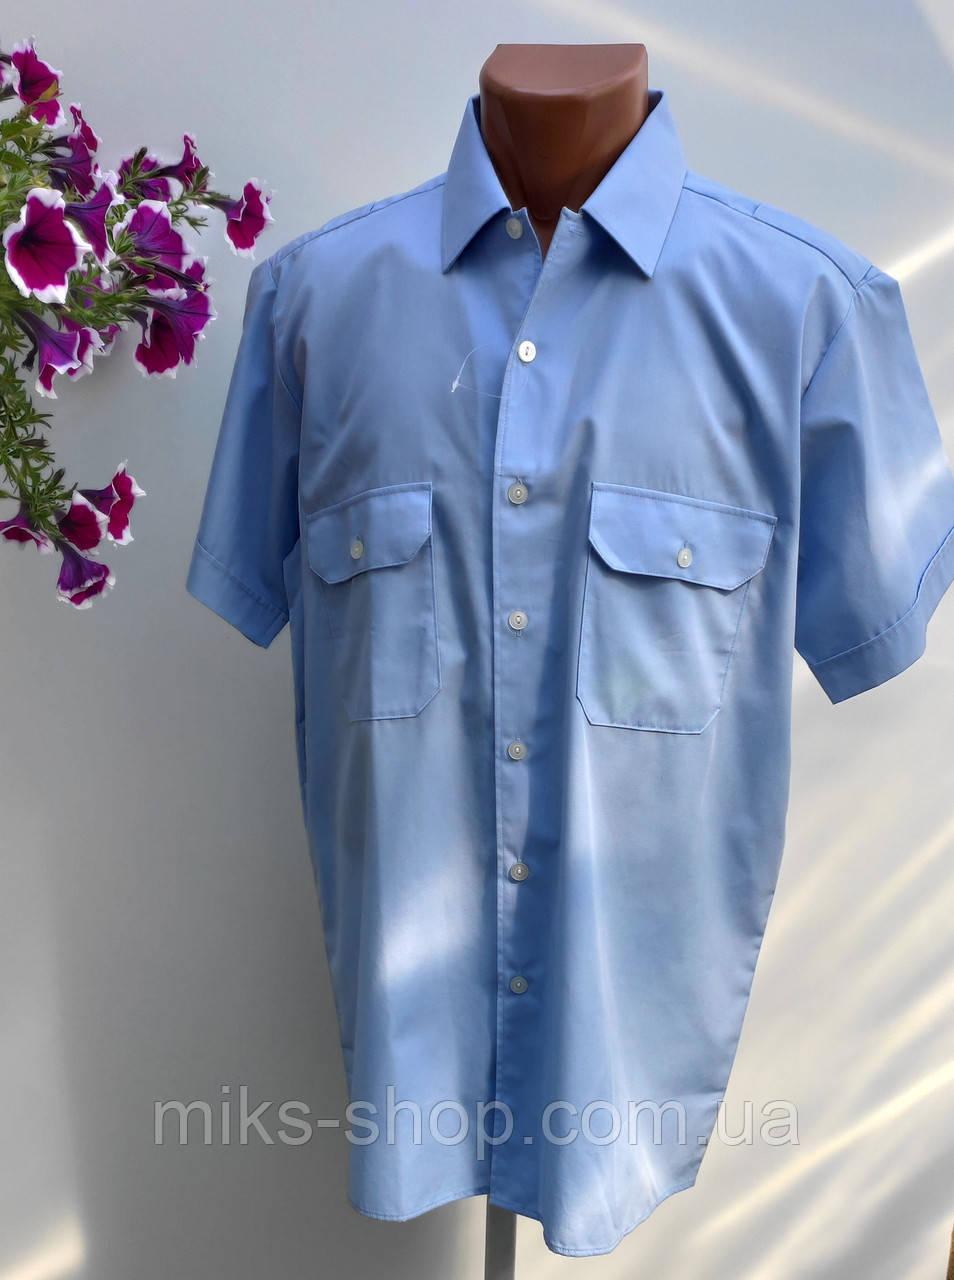 Чоловіча сорочка Розмір L ( Я-10)